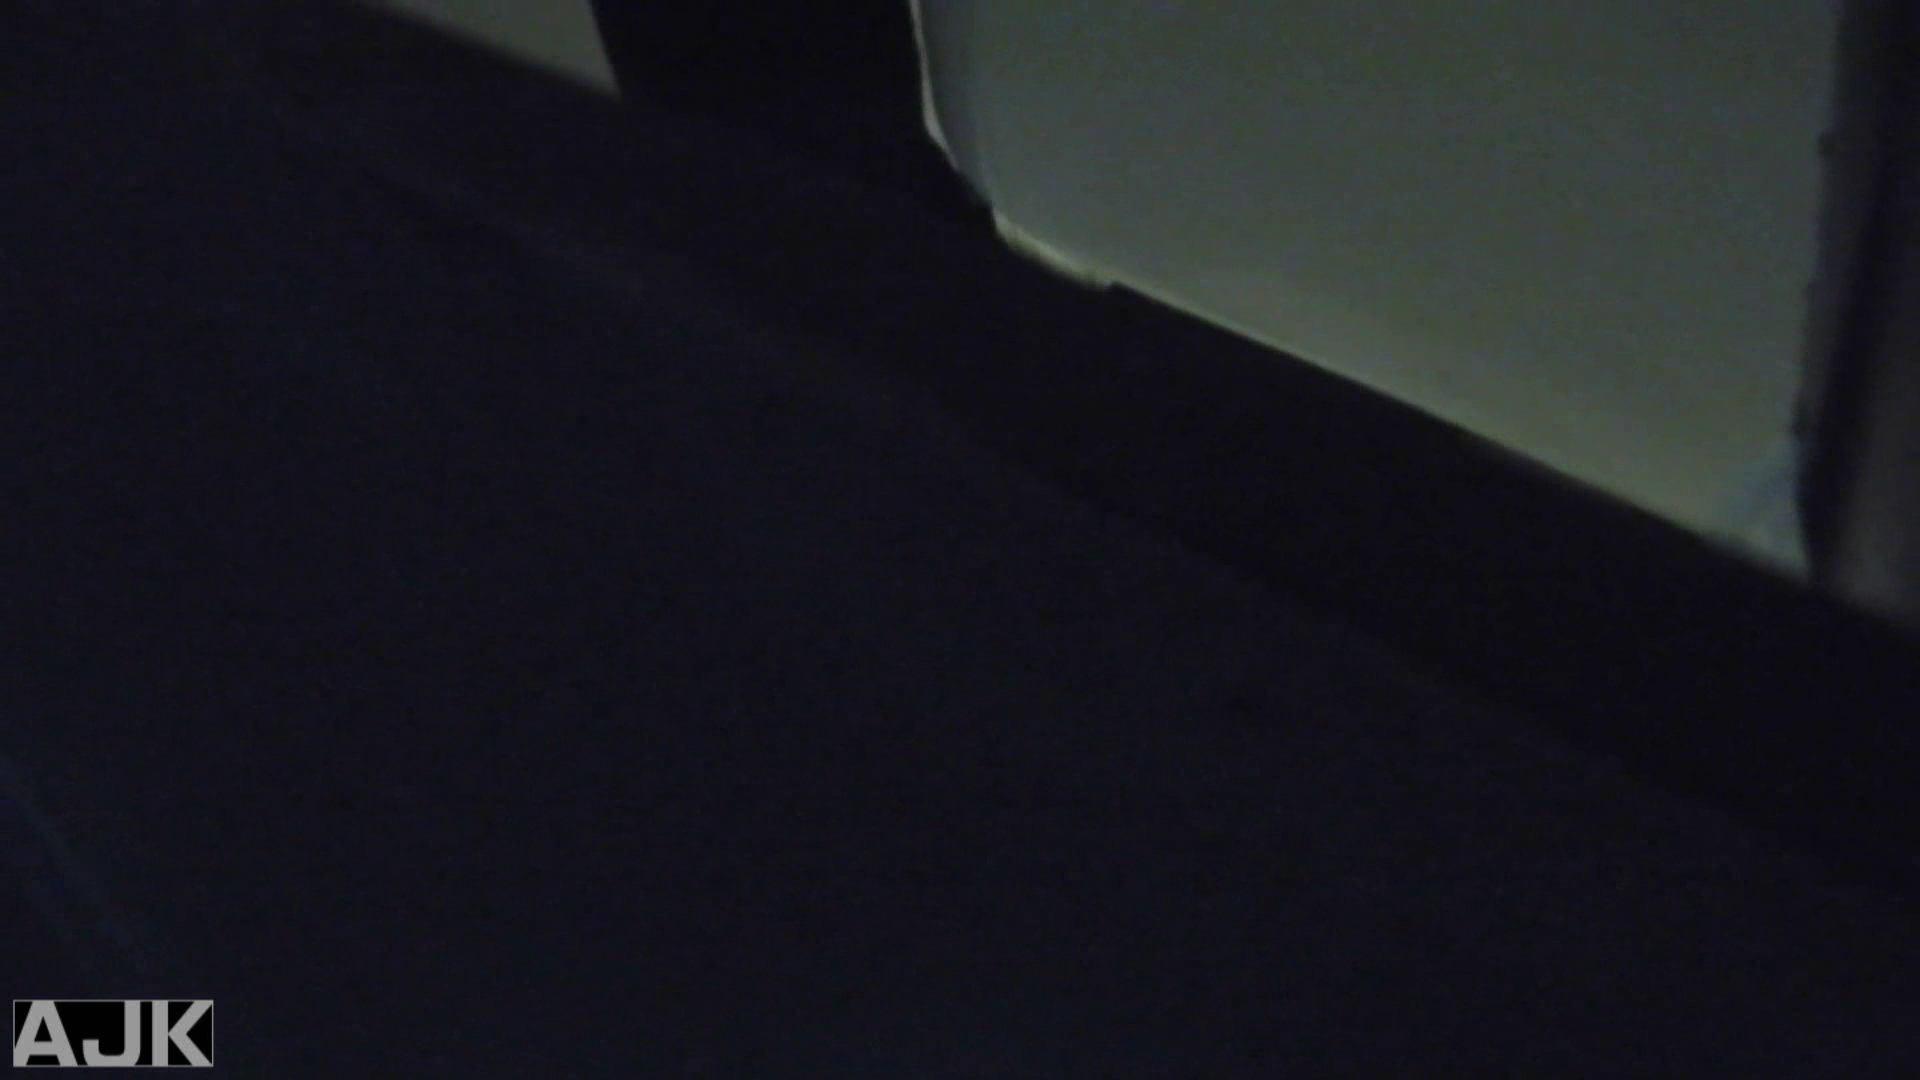 隣国上階級エリアの令嬢たちが集うデパートお手洗い Vol.13 エロいお嬢様 濡れ場動画紹介 59画像 7